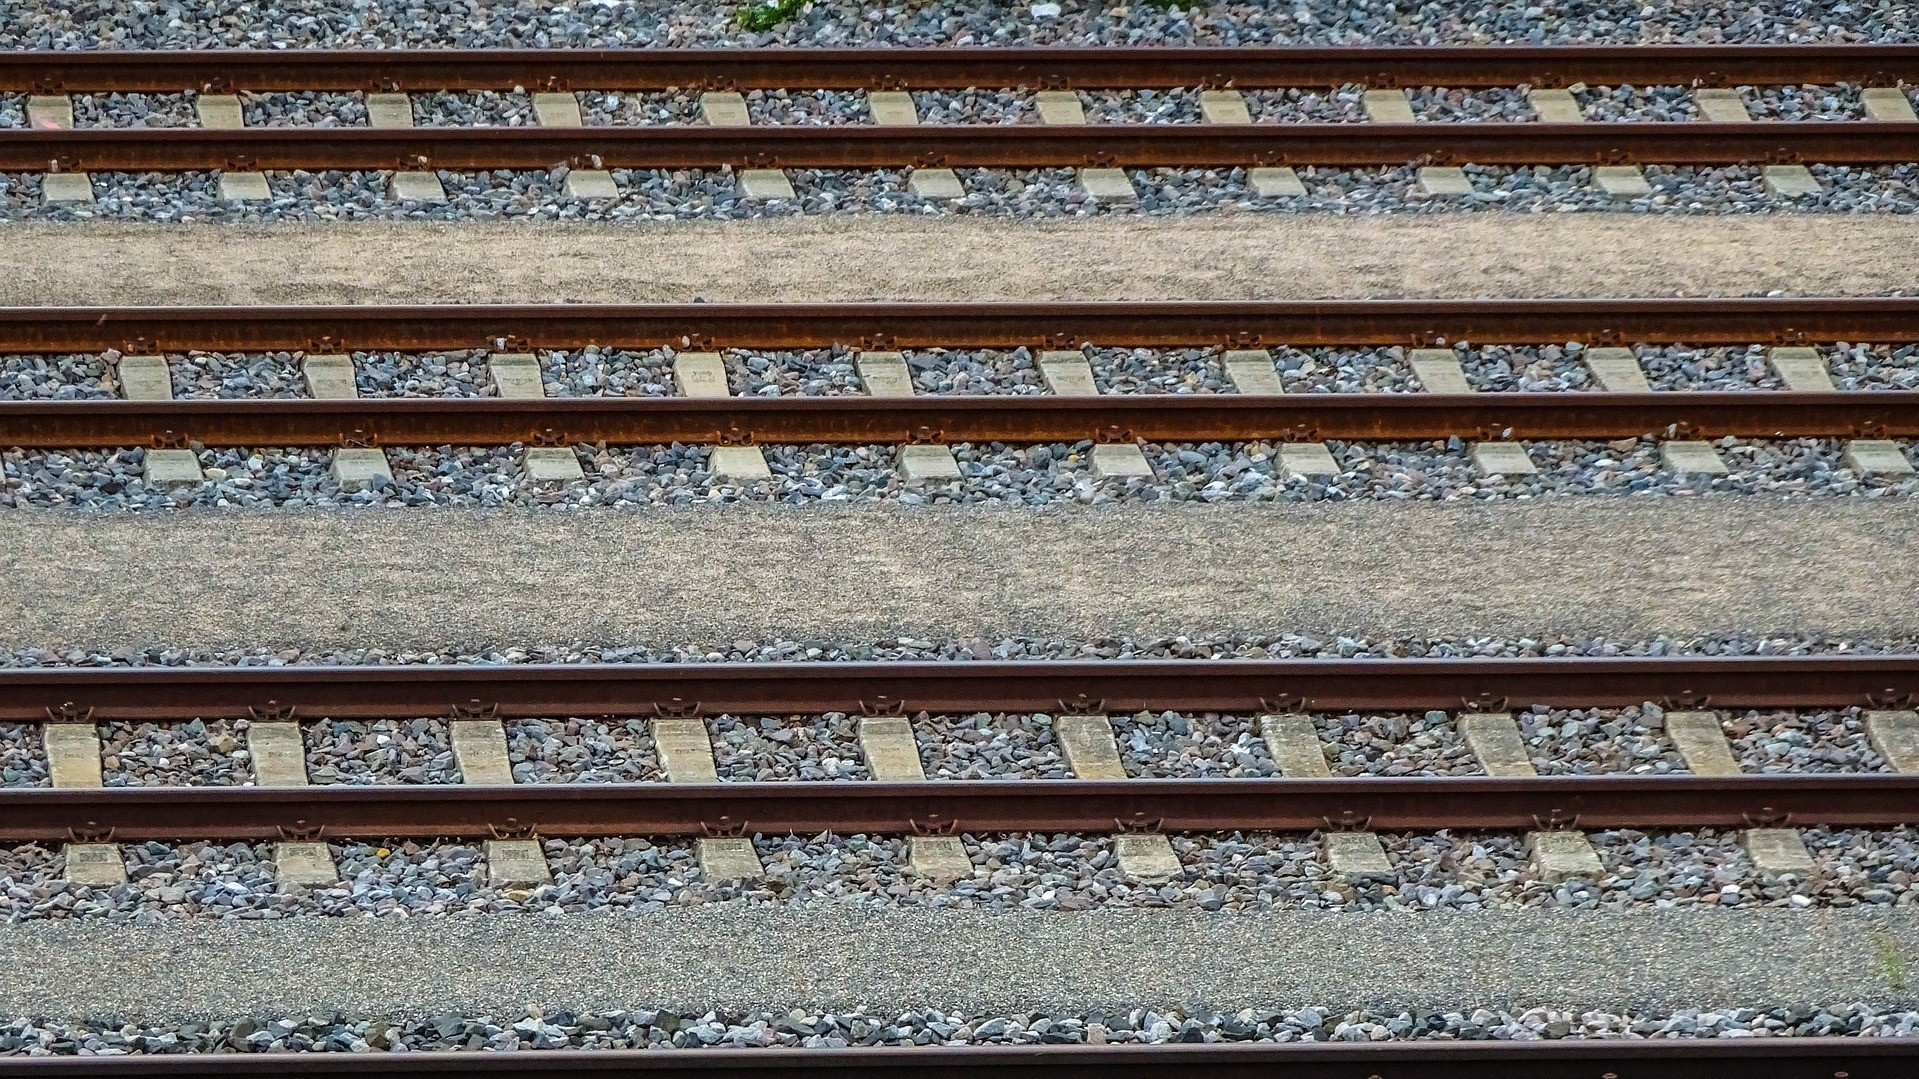 Ascoval et France Rail Industry doivent revenir dans le giron français